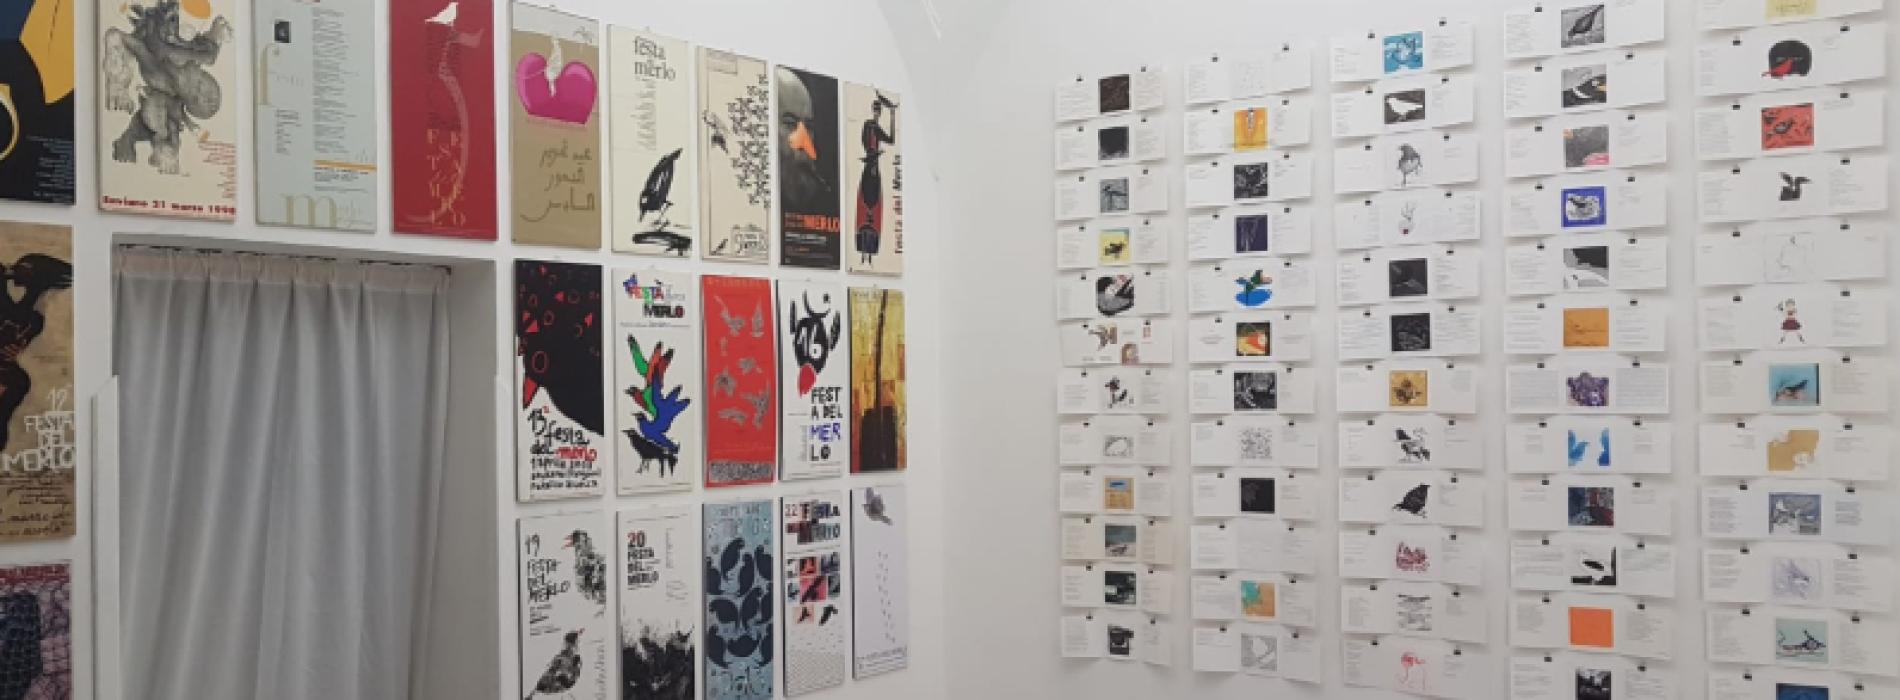 Merli d'autore, l'impegno degli artisti casertani per la libertà